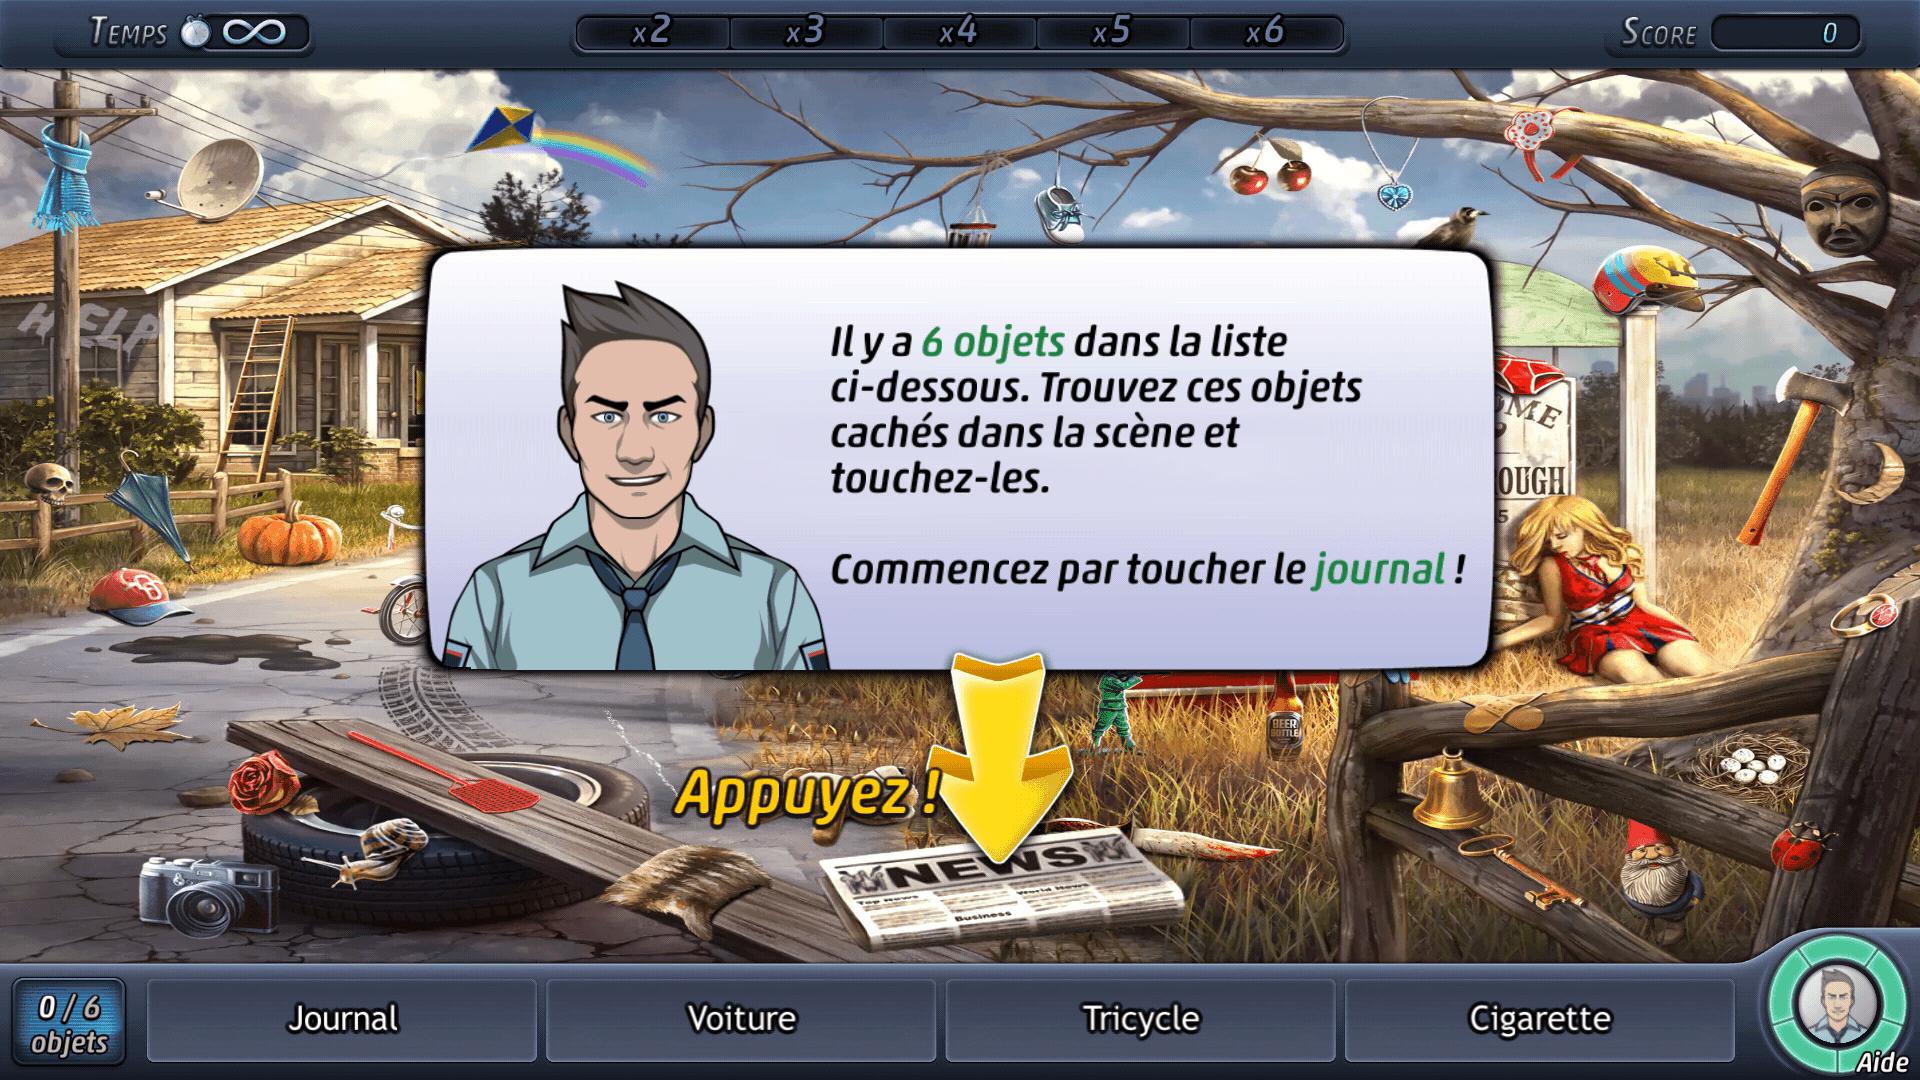 Les Meilleurs Jeux D'enquête Et D'objets Cachés Pour Android avec Jeux Trouver Les Objets